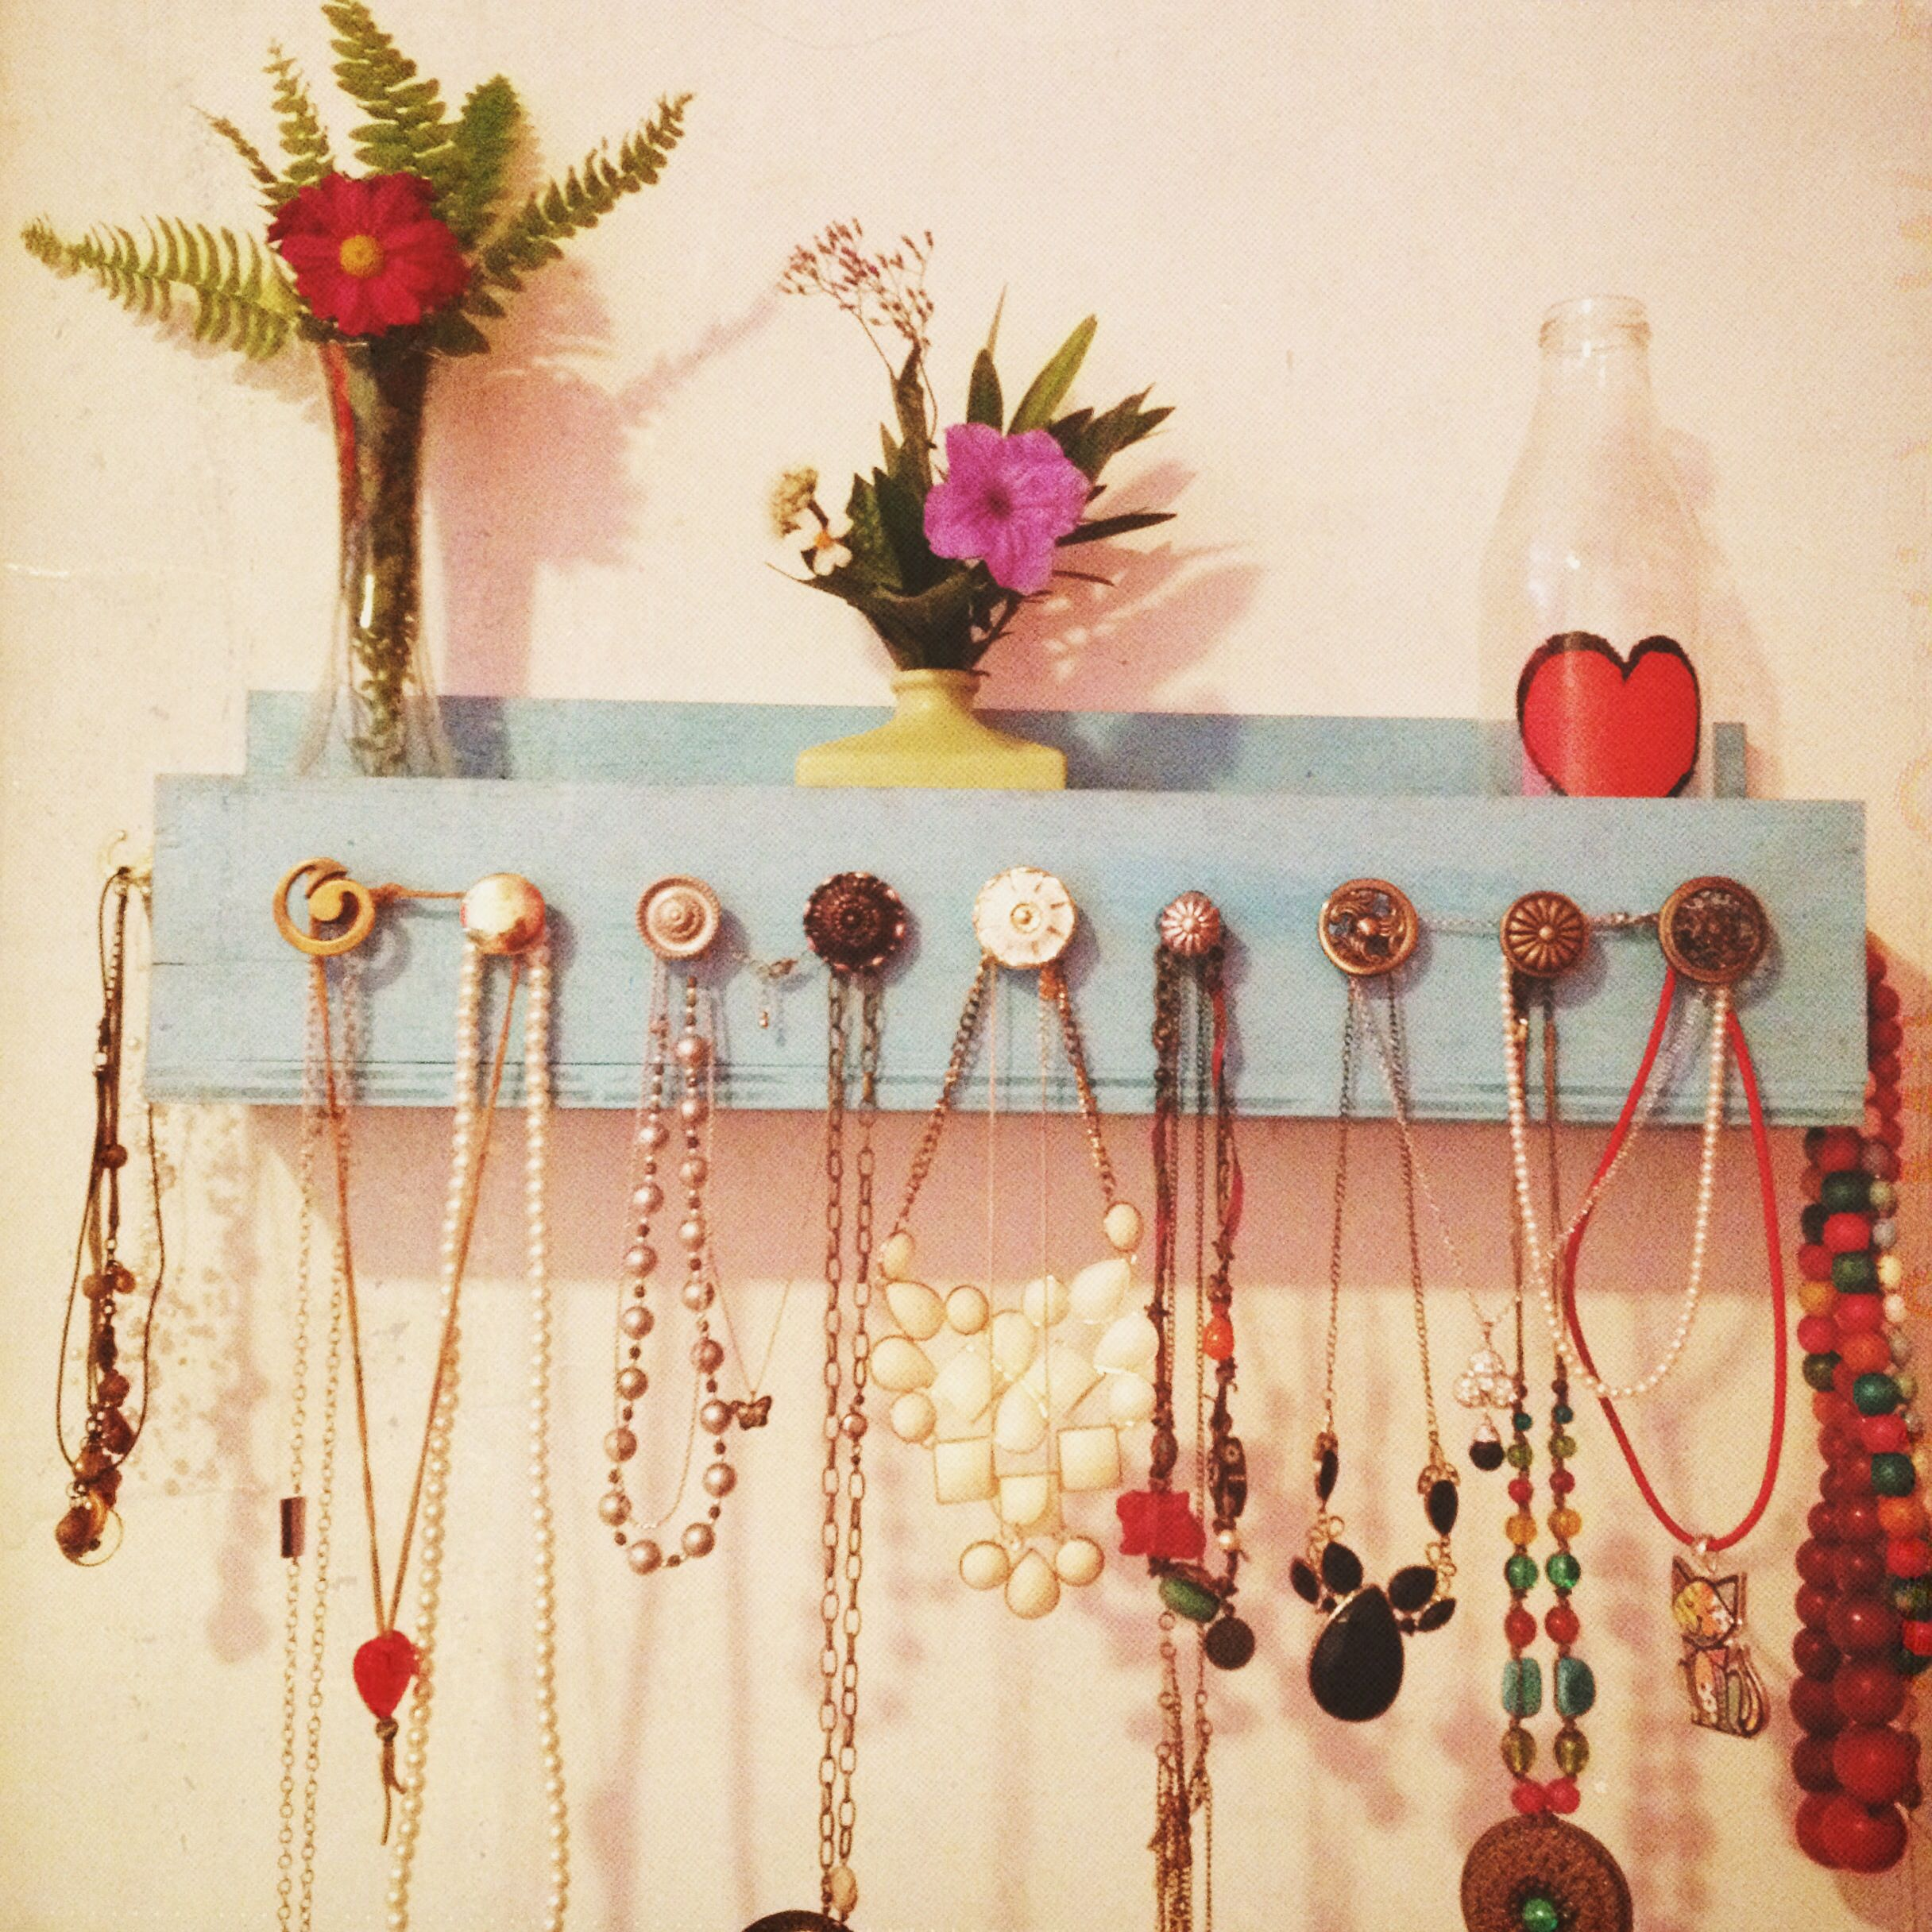 Porta collares diy moda decoraci n de interiores hogar - Accesorios hogar originales ...